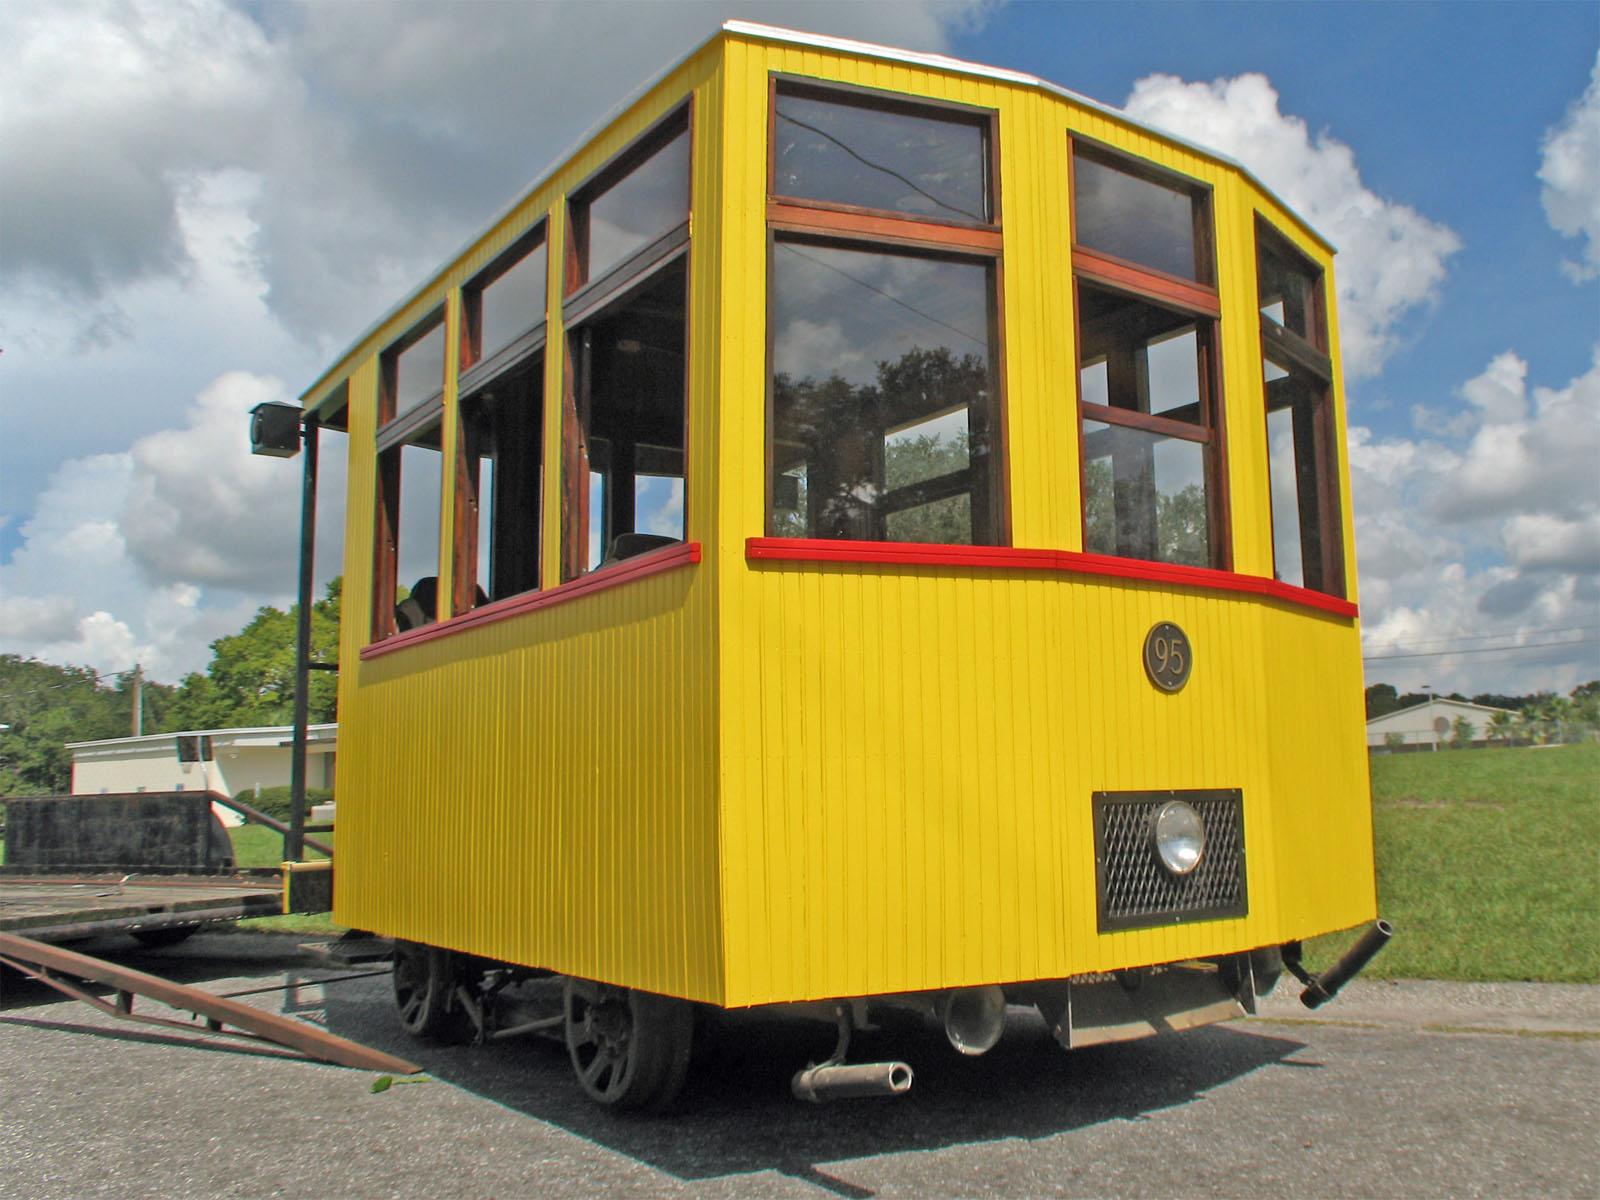 Trolley Car: John Meier's Trolley Car